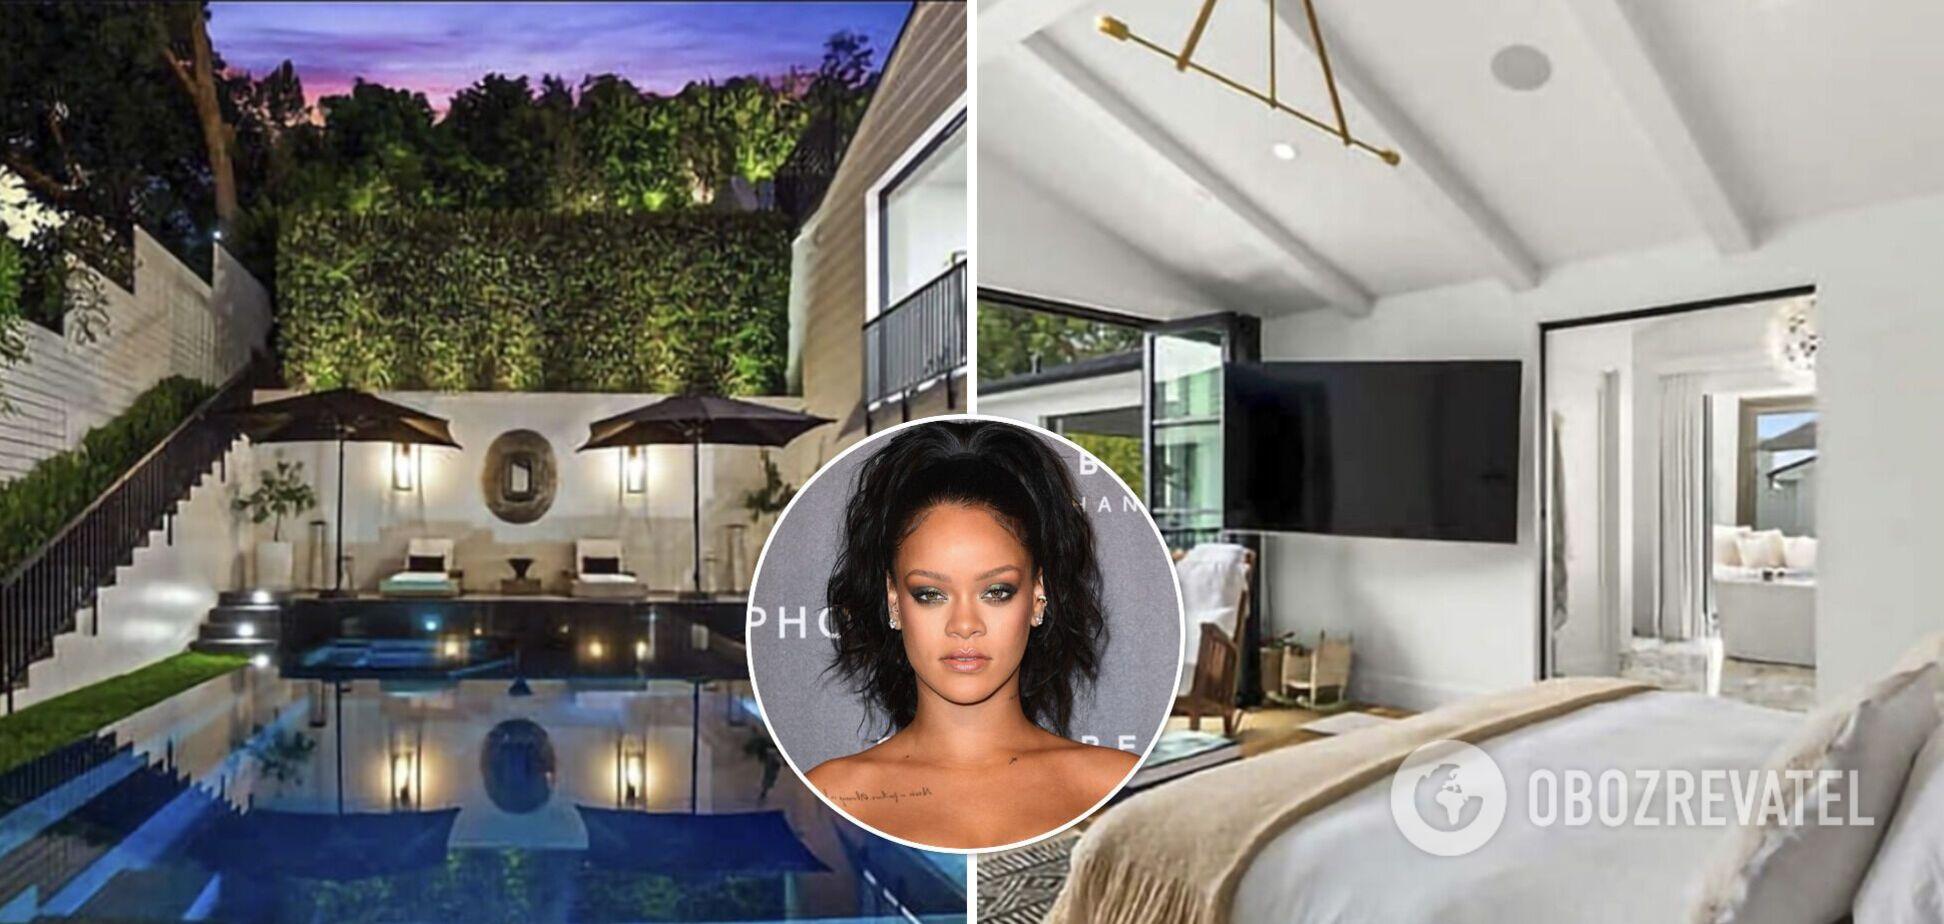 Ріанна купила маєток за 13 млн доларів: як він виглядає